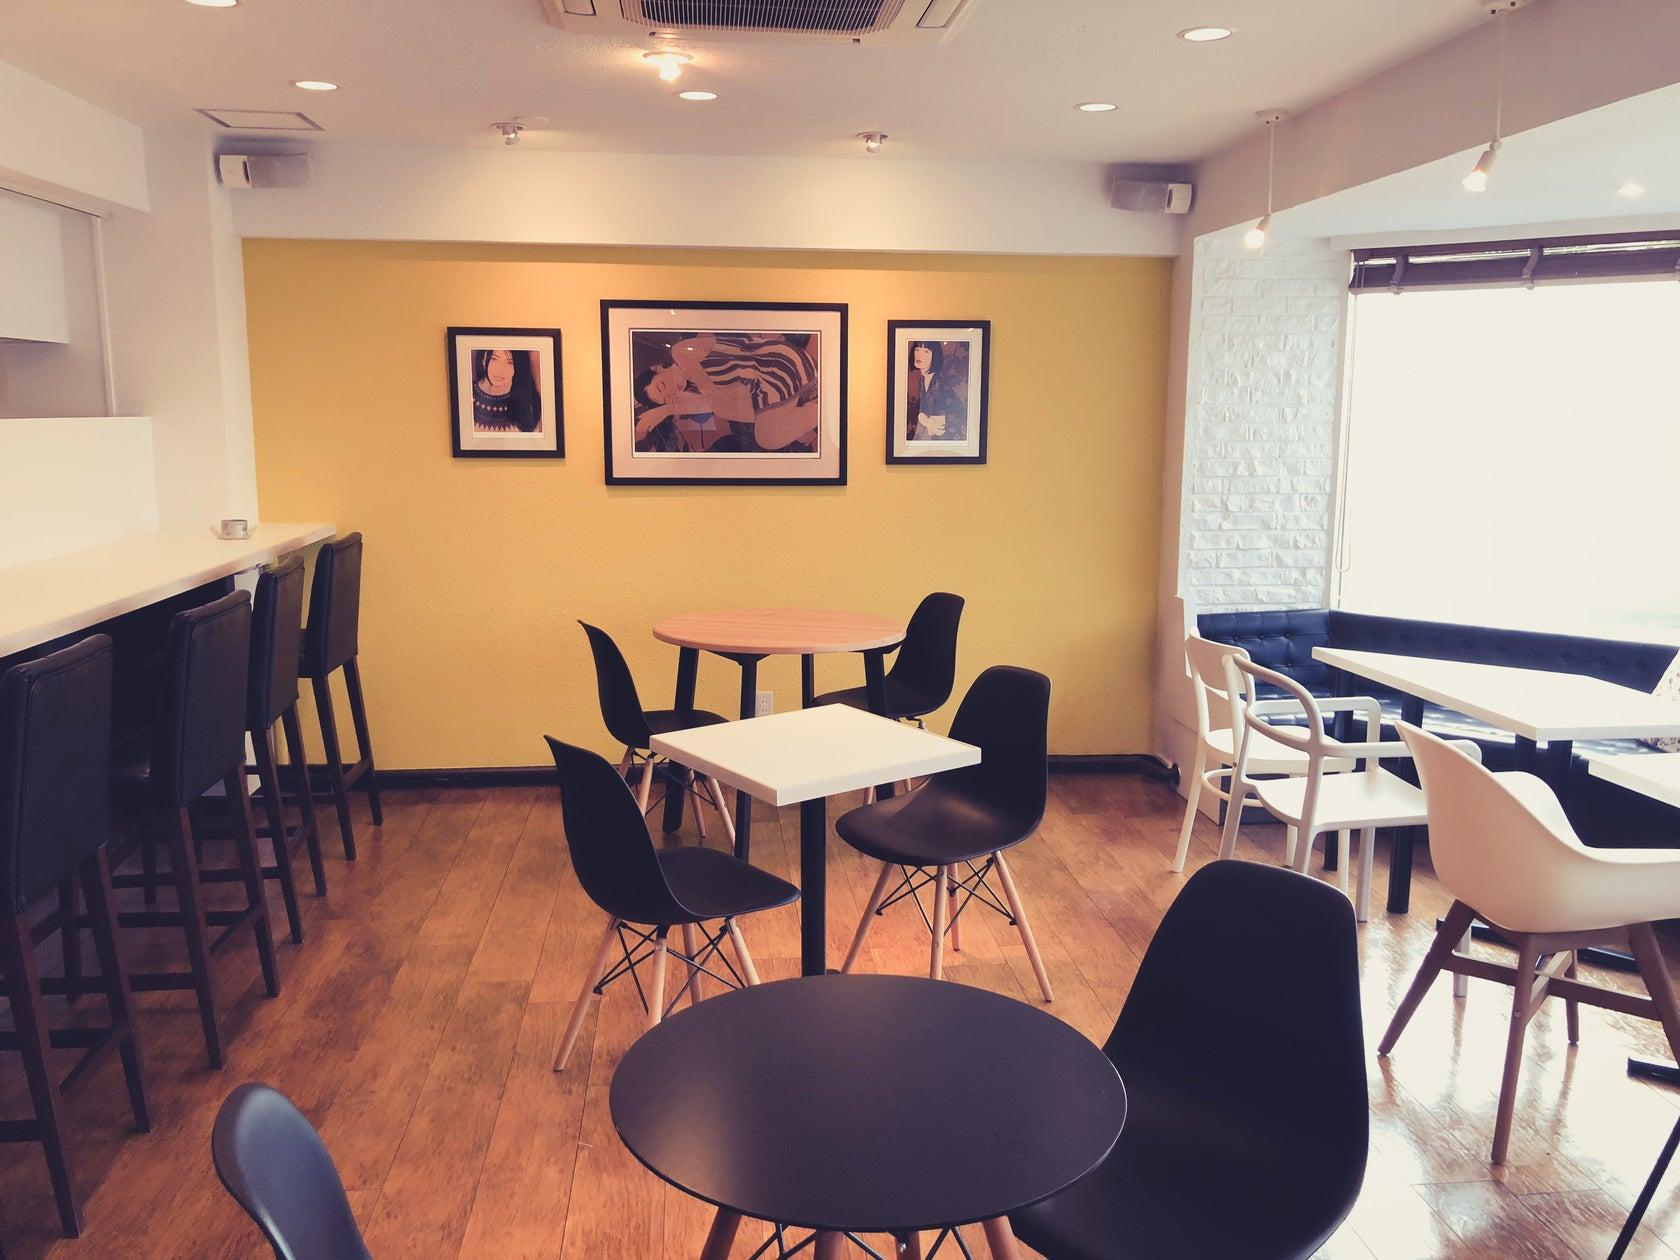 【ミッドタウンからすぐ】持ち込み可!おしゃれなカフェを貸切で使う!会議、勉強、ミーティングなどに!(【ミッドタウンからすぐ】お洒落なカフェを貸切で使える♪会議、勉強、セミナー、撮影など使い方色々!) の写真0